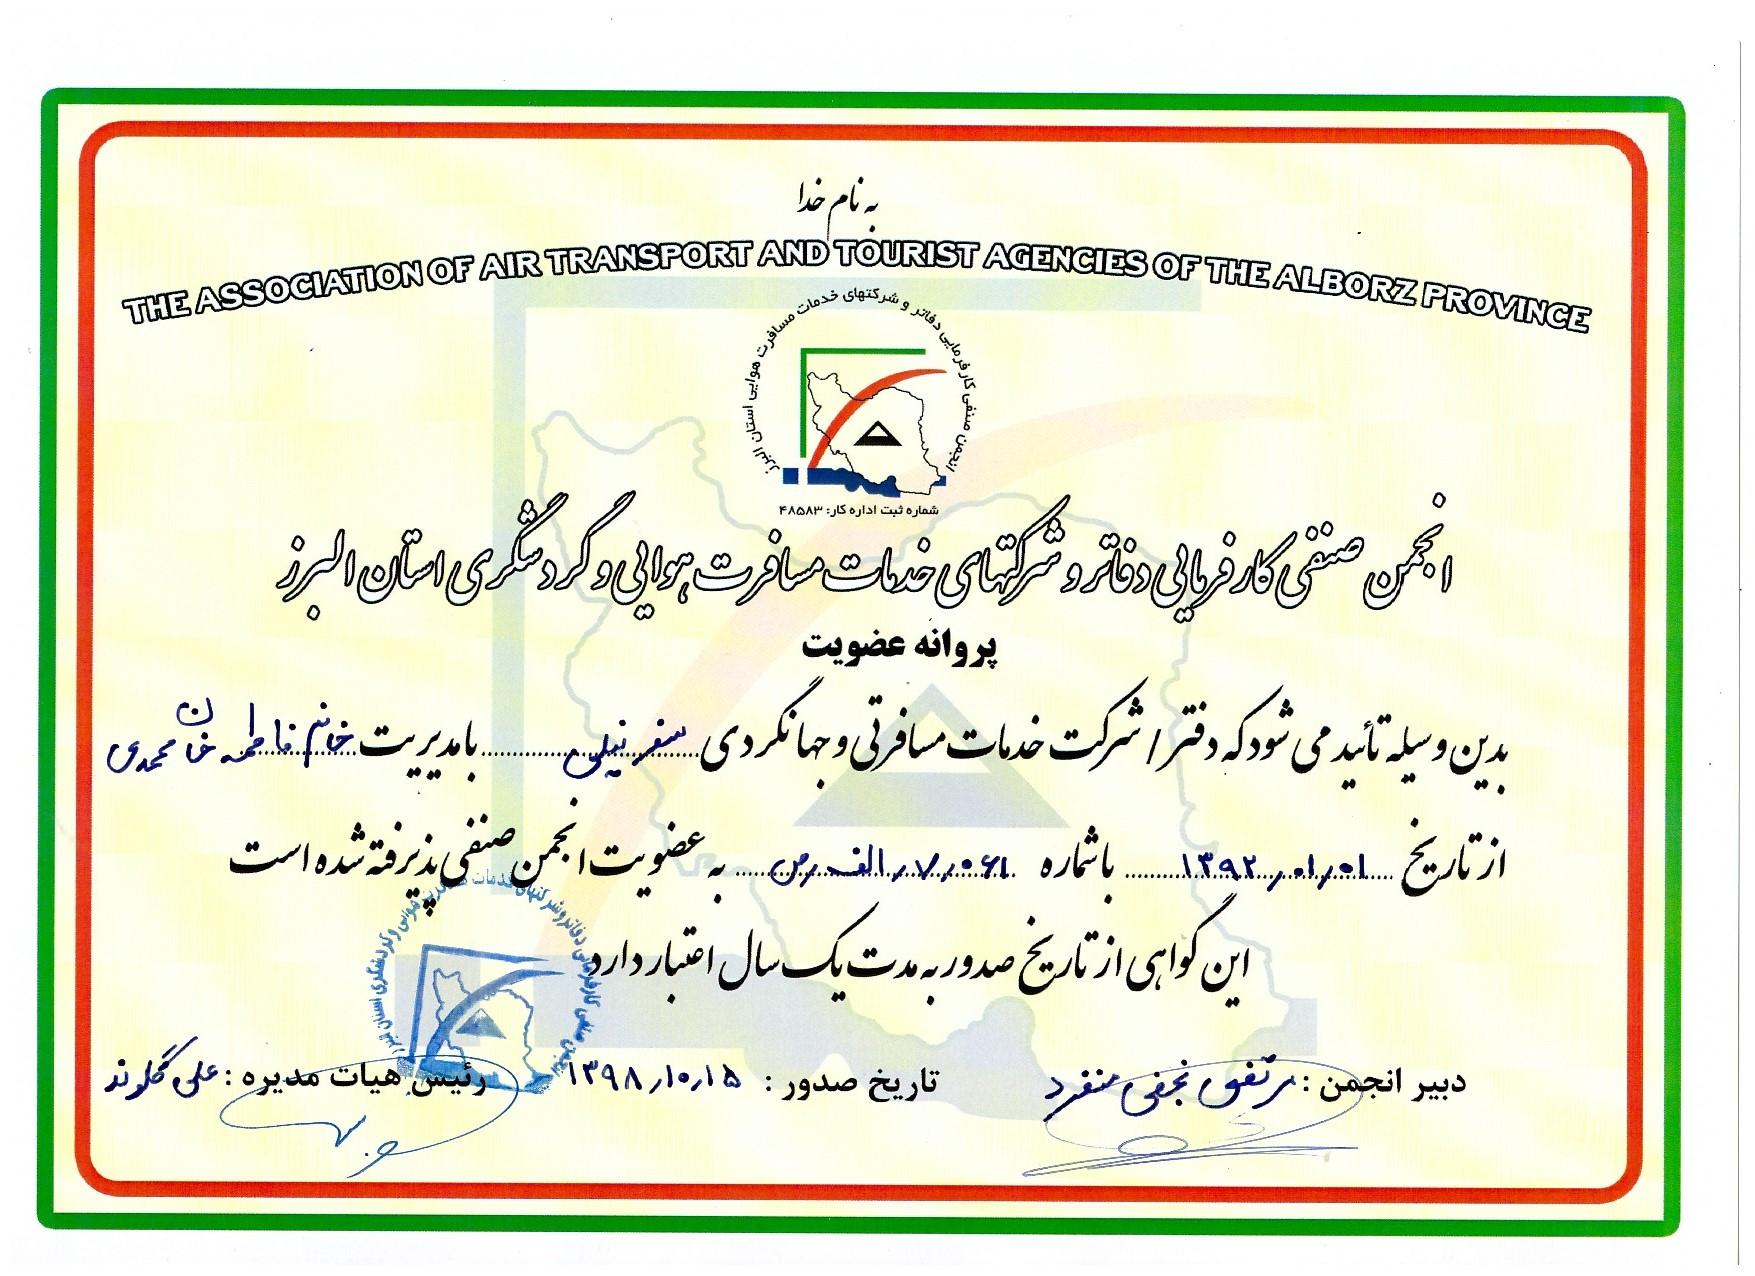 عضویت در انجمن صفی البرز